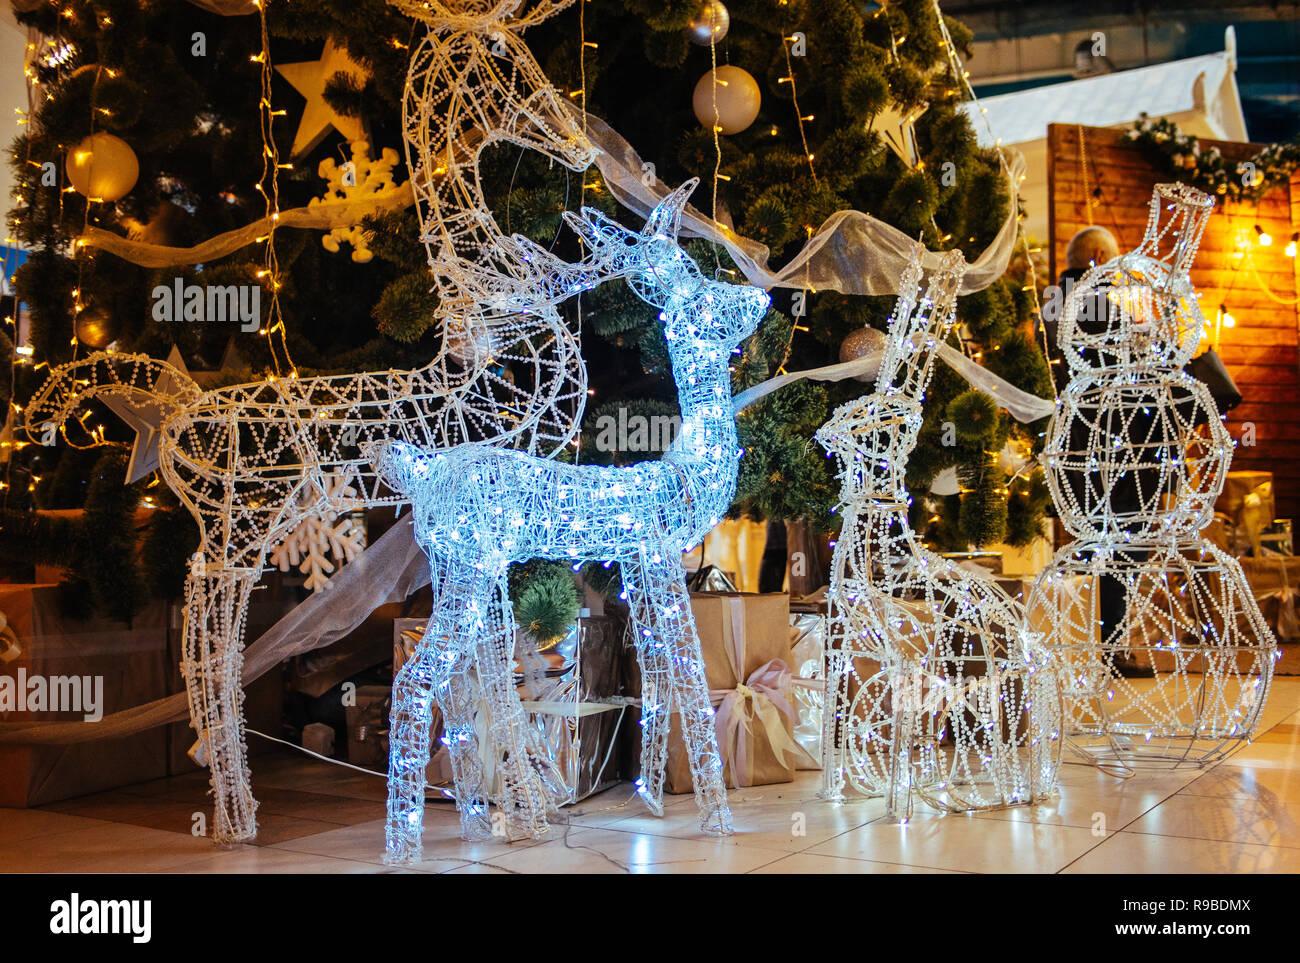 Beleuchtete Bilder Weihnachten.Weihnachten Led Beleuchtete Rotwild Skulptur Auf Neues Jahr Baum